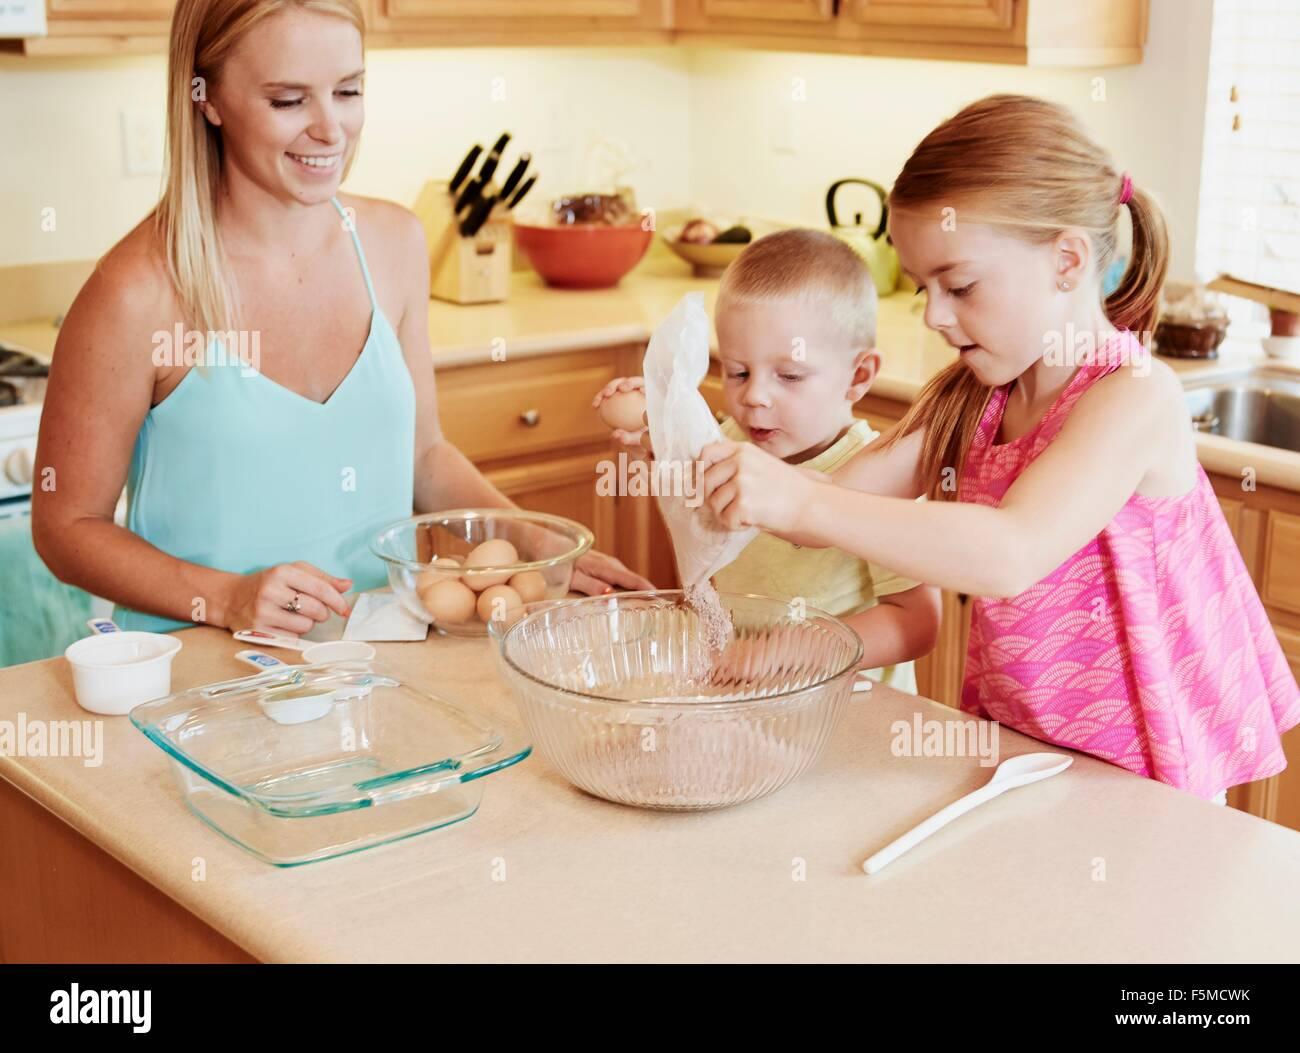 Familie vorbereiten Teig in der Schüssel Stockbild